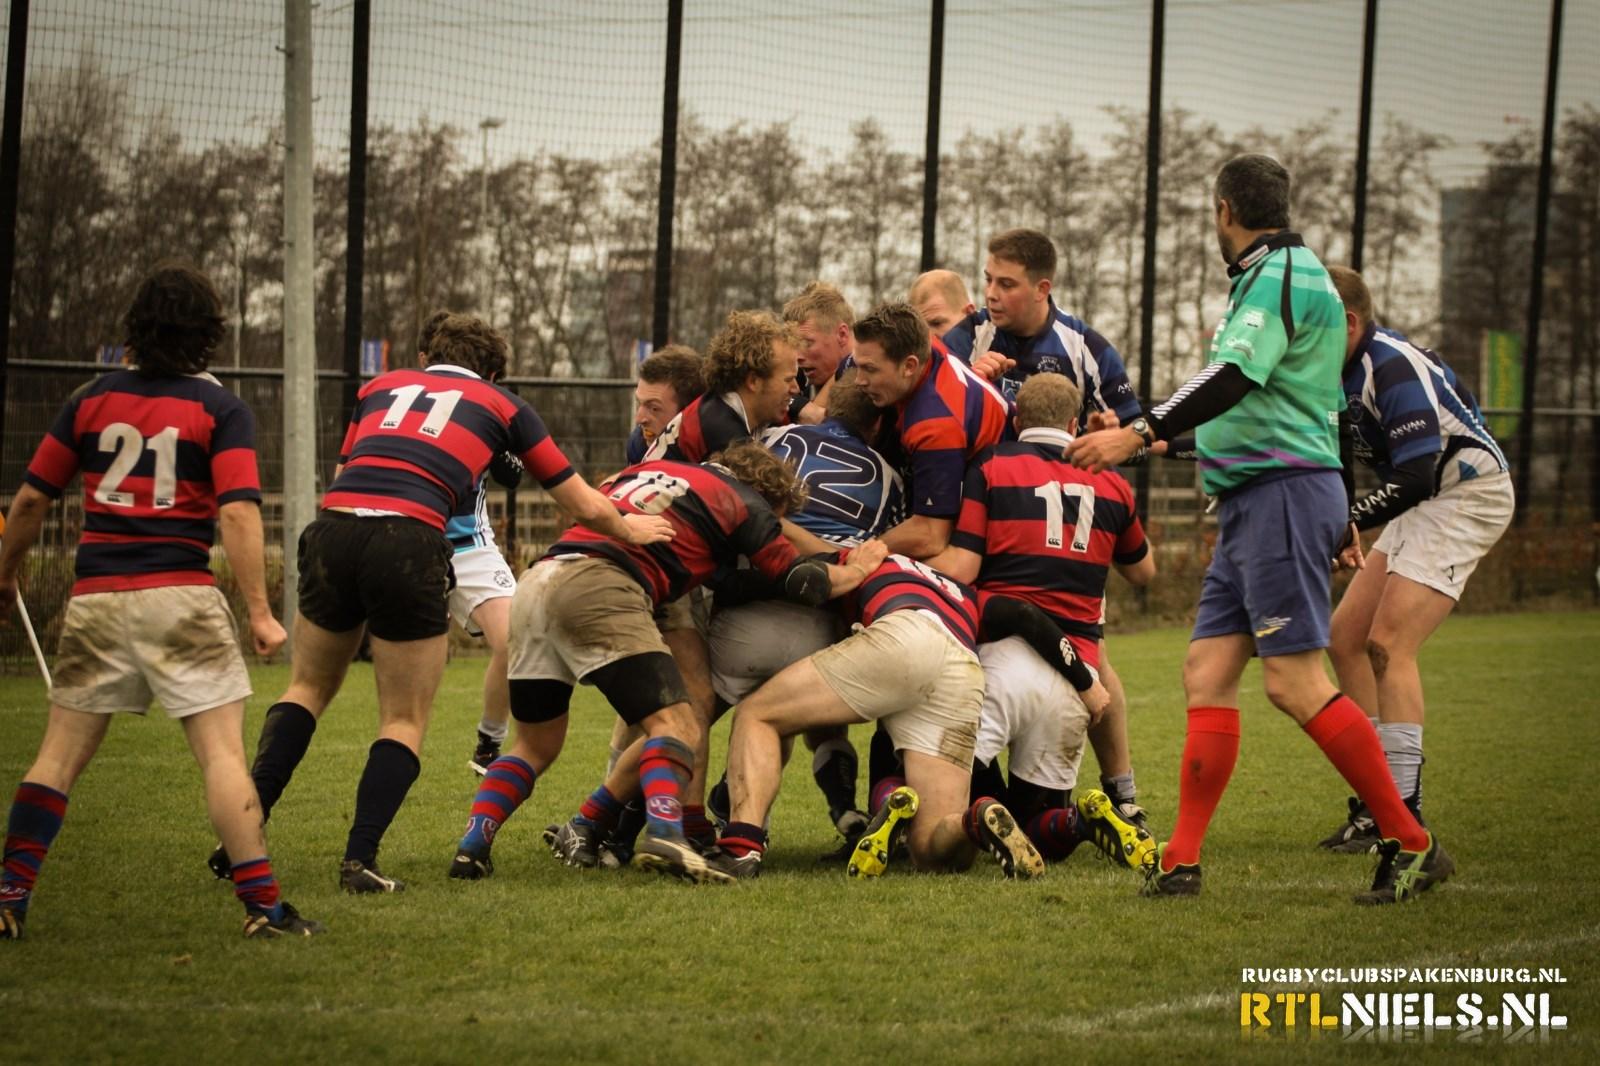 2012-12-15 | Utrechtse 3 – RCS | 0-53